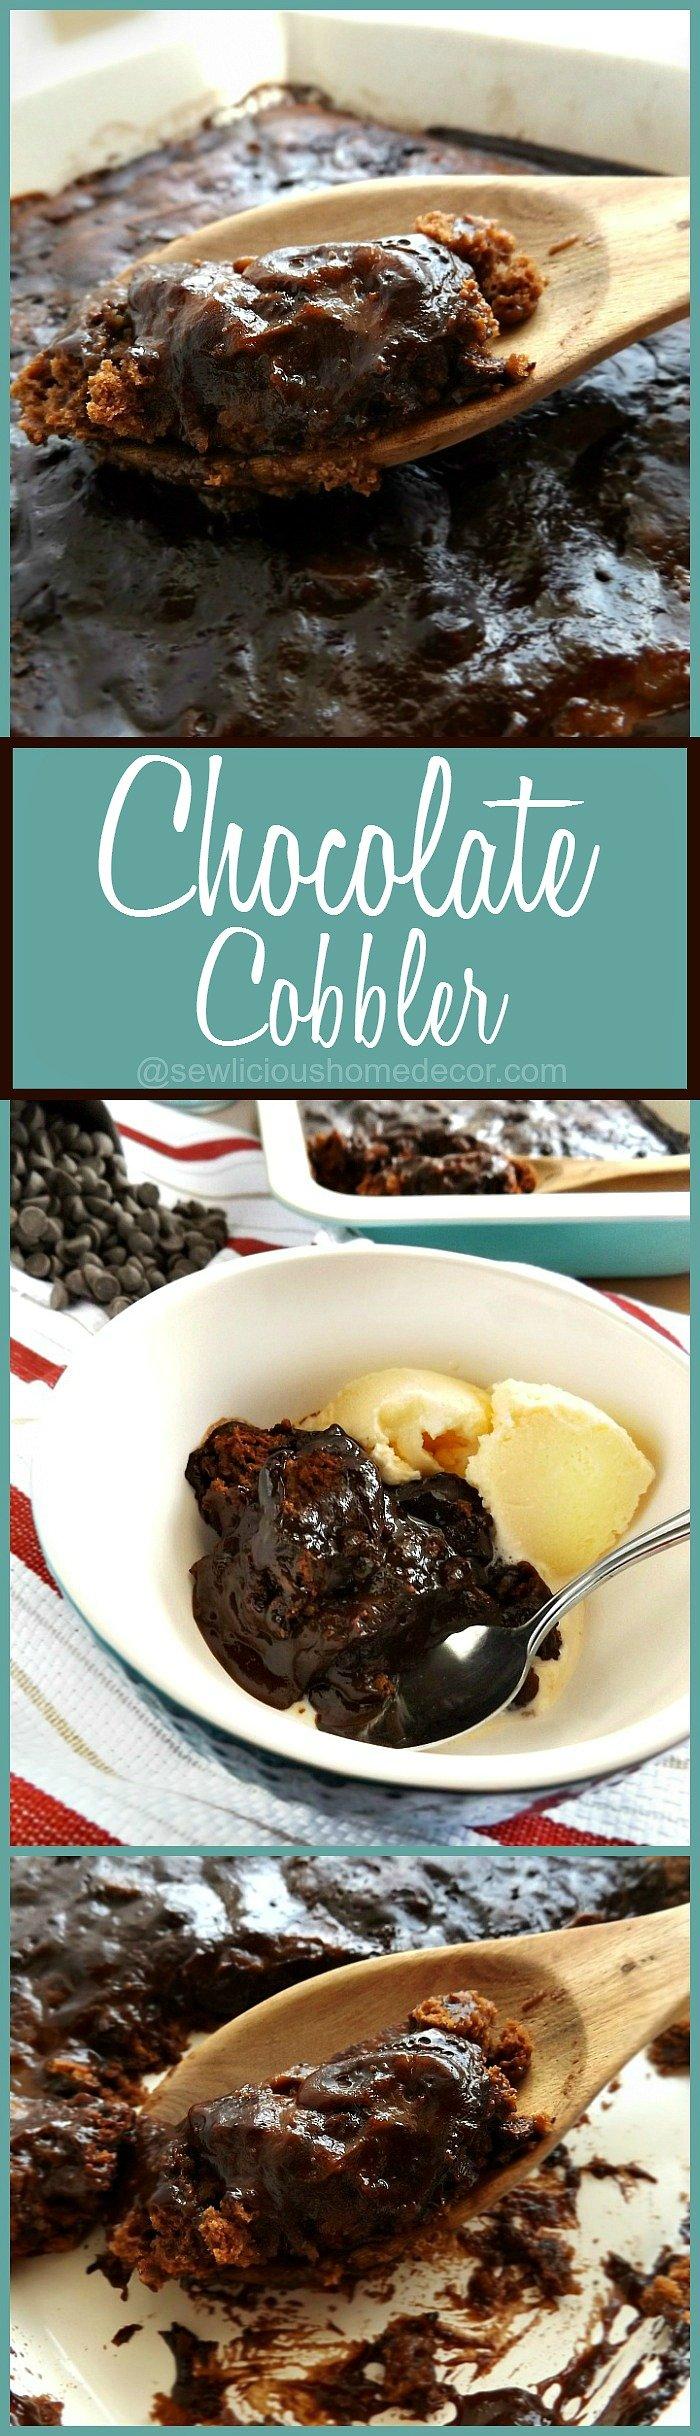 Chocolate Cobbler Pudding Cake at sewlicioushomedecor.com